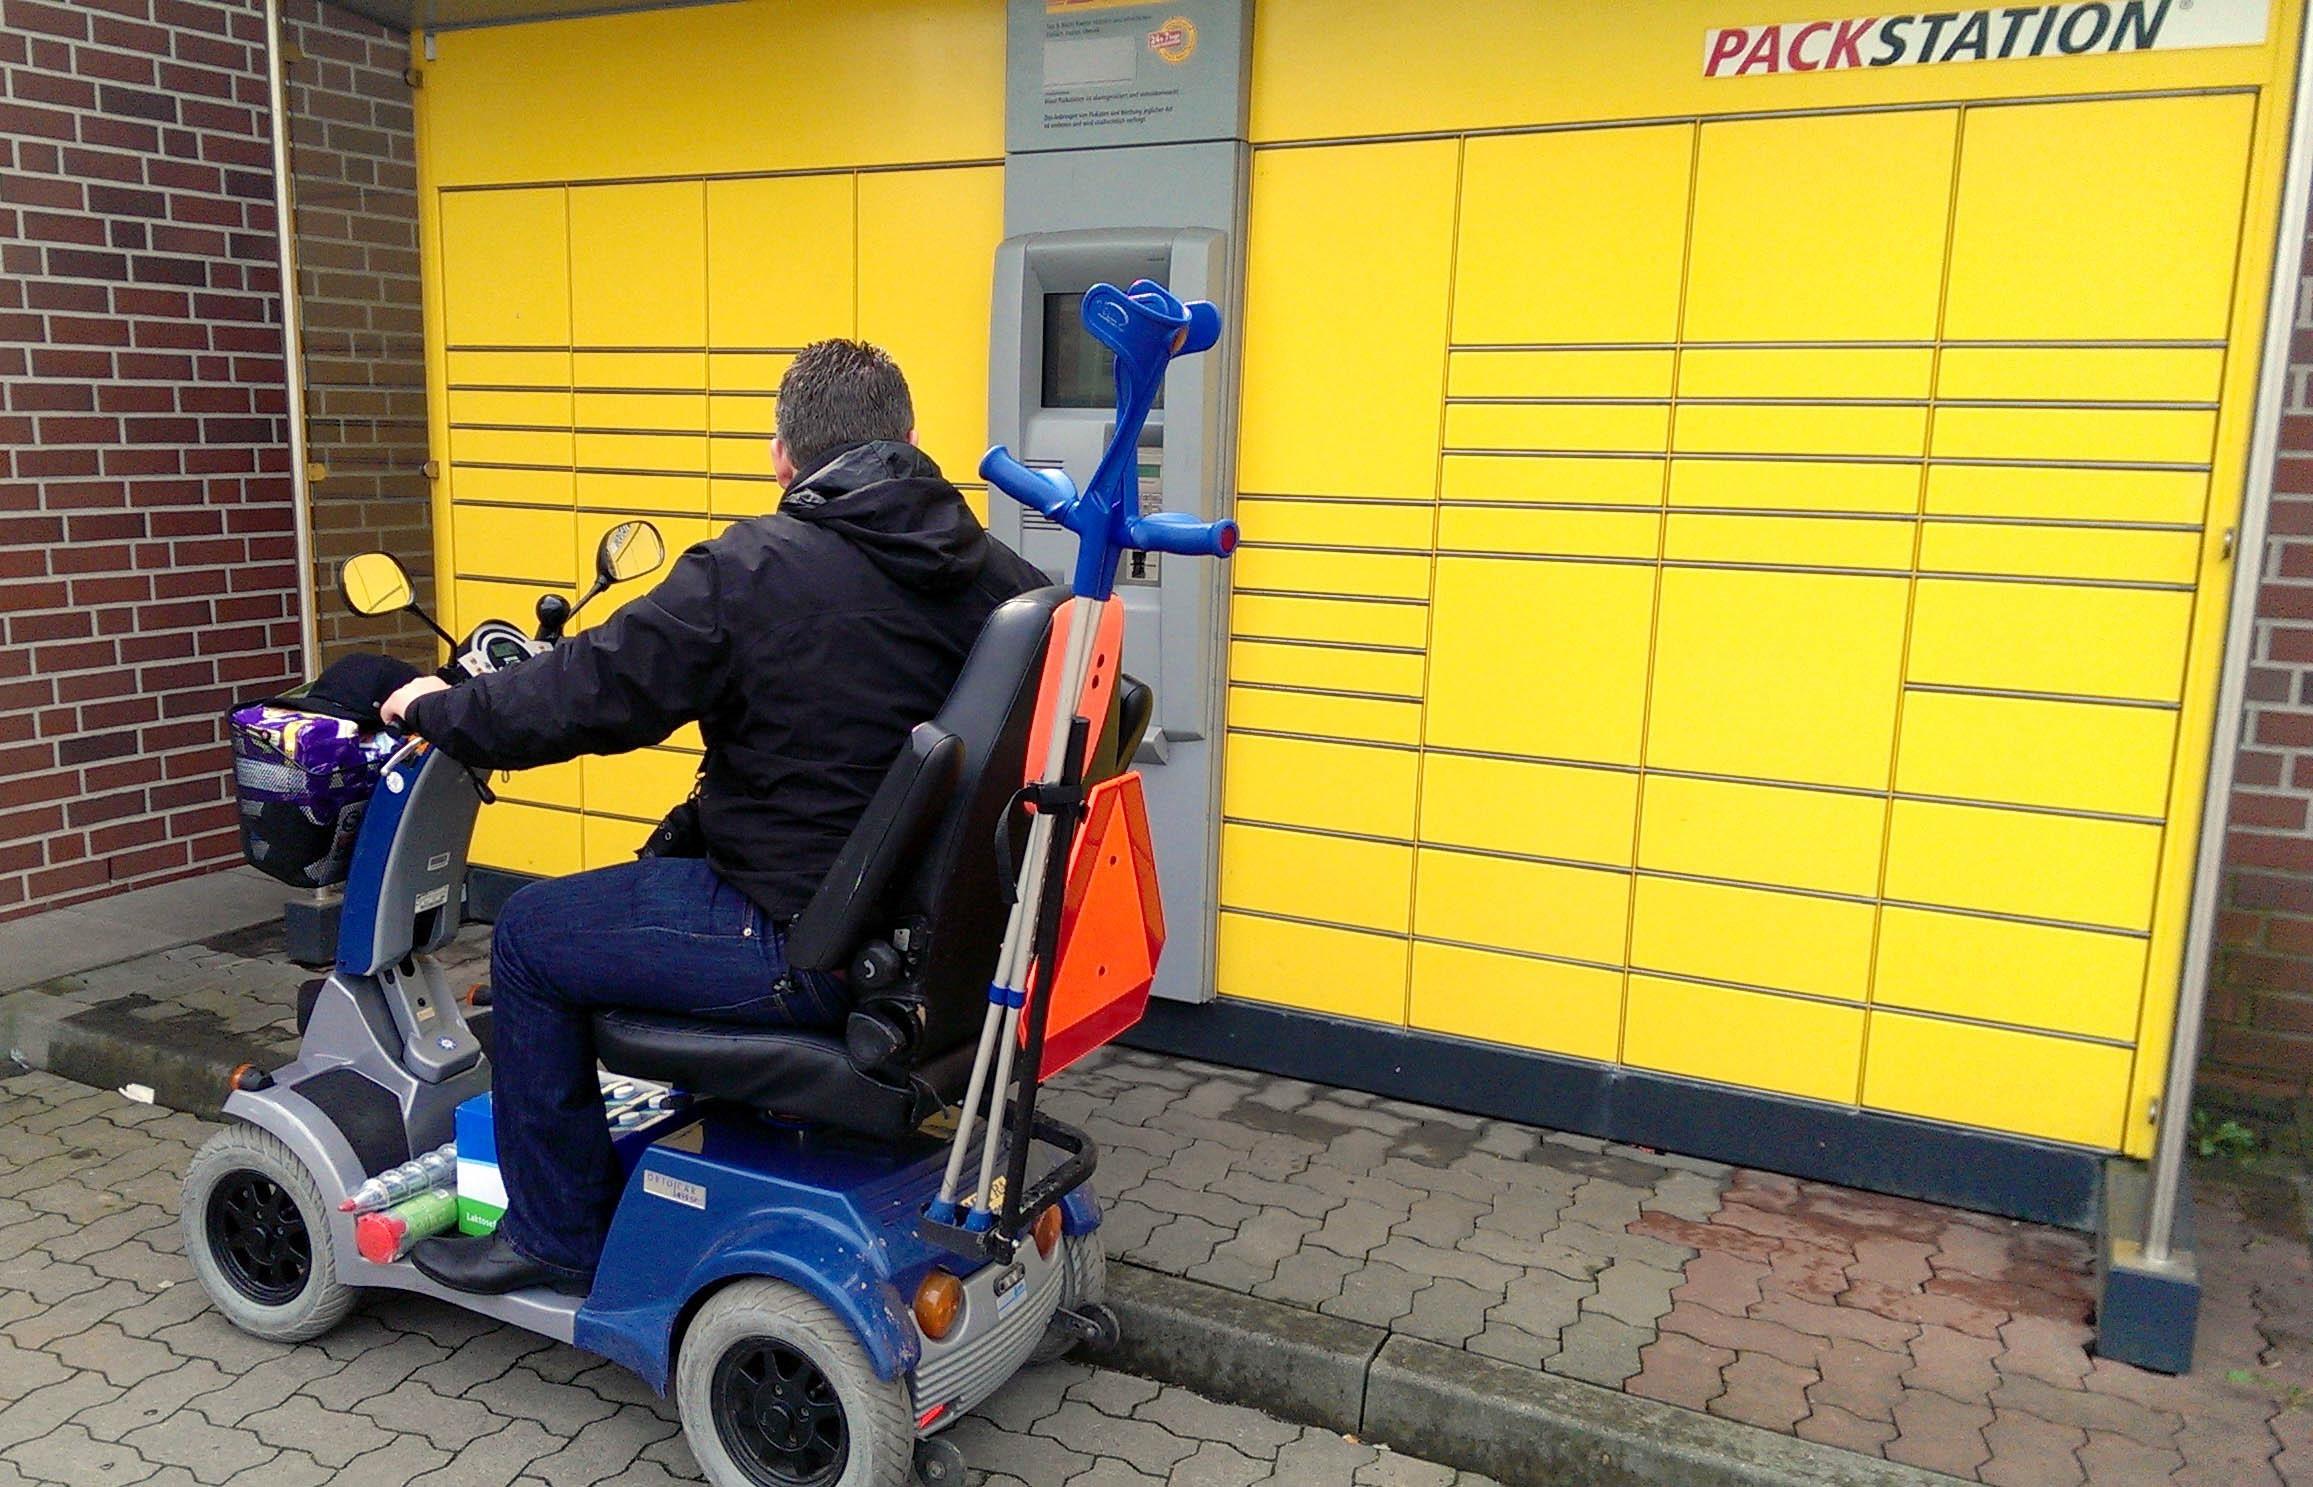 Packstation mit Stufe: Für Rohllstuhlfahrer und Gehbehinderte nicht einfach zu erreichen